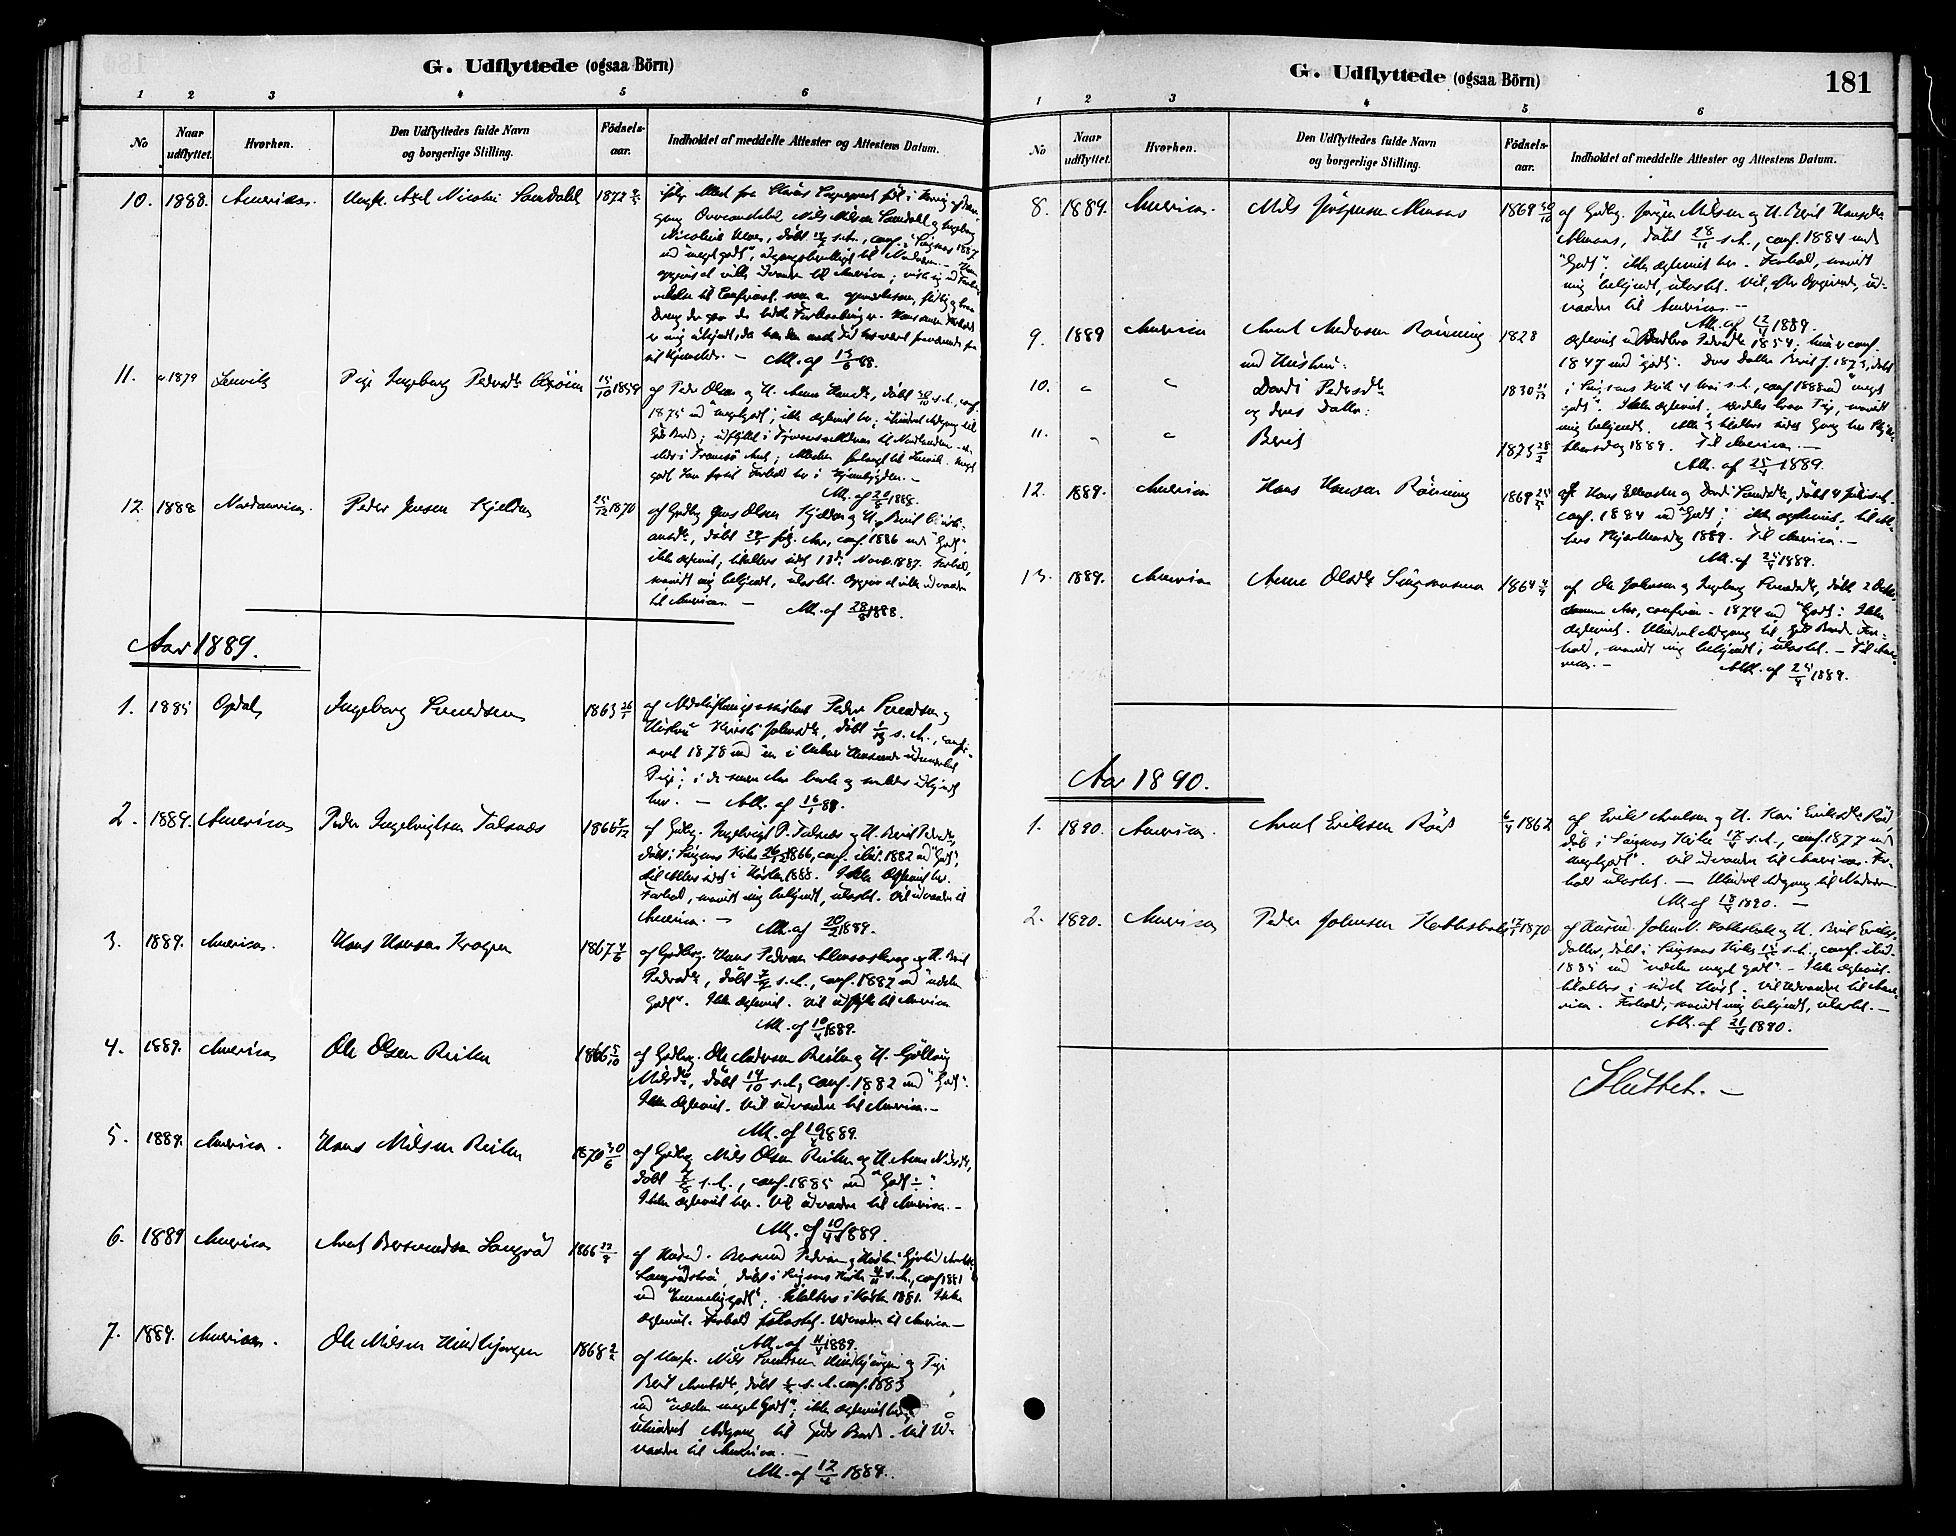 SAT, Ministerialprotokoller, klokkerbøker og fødselsregistre - Sør-Trøndelag, 688/L1024: Ministerialbok nr. 688A01, 1879-1890, s. 181